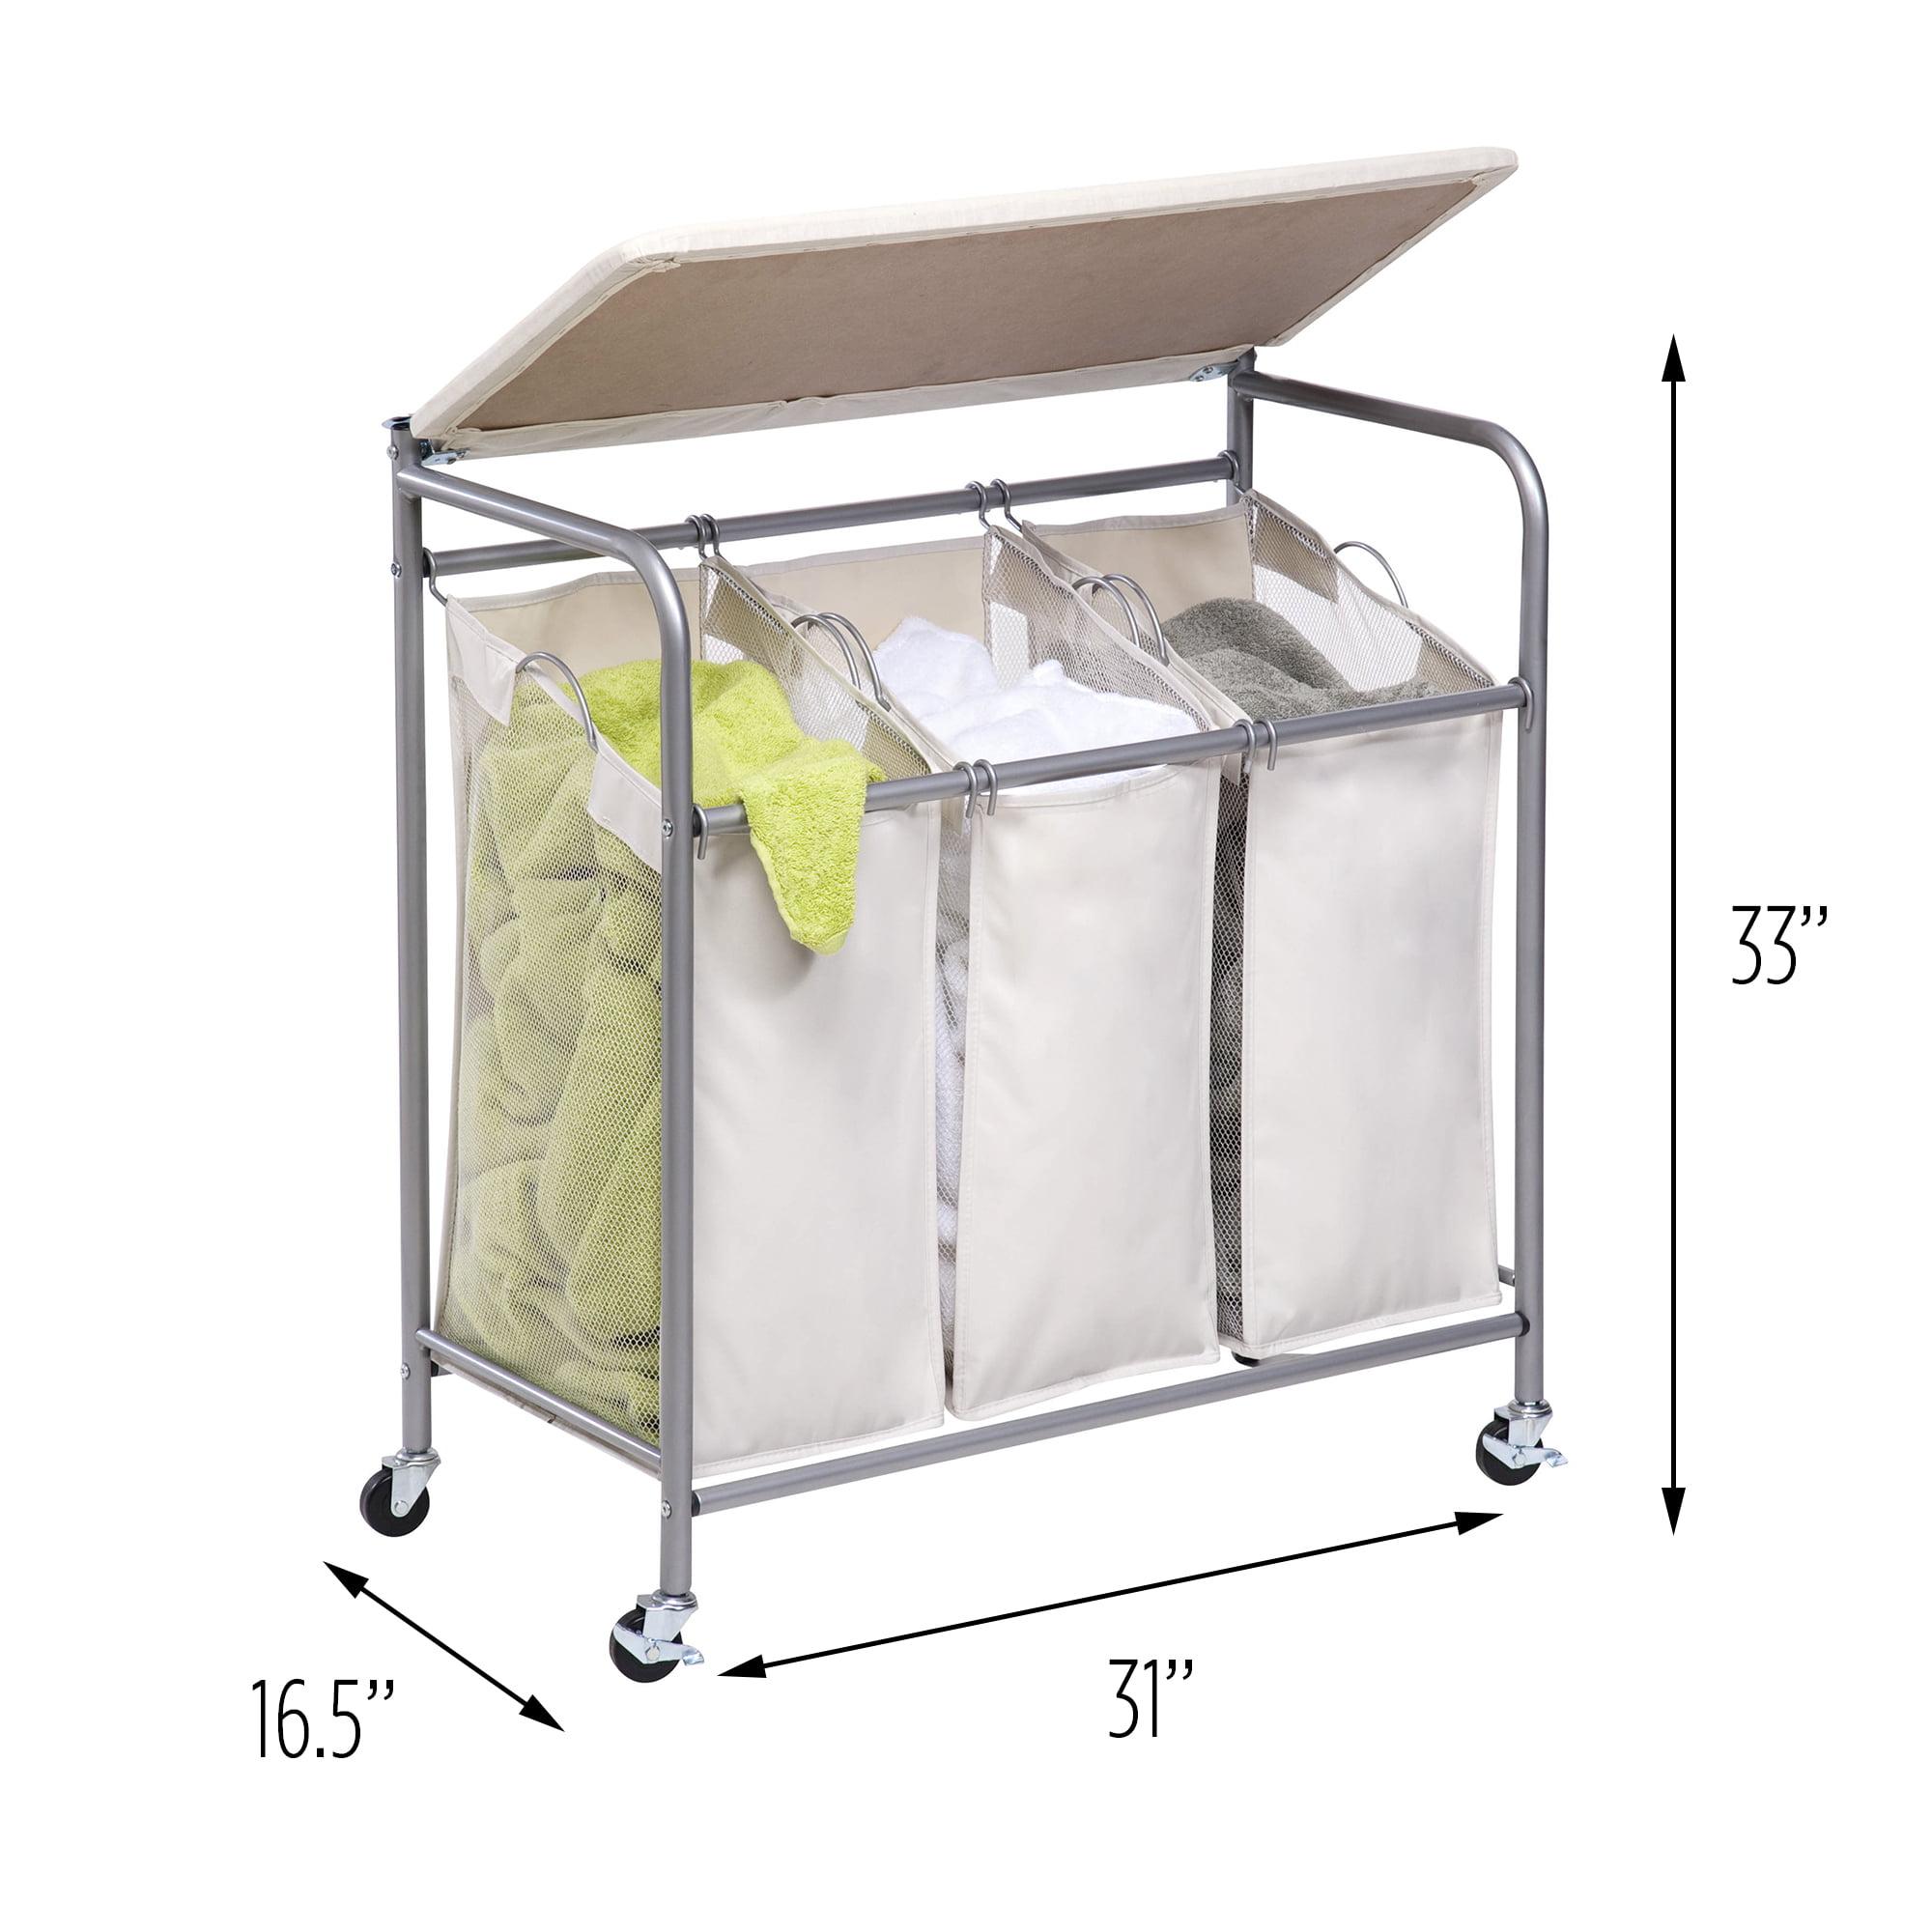 laundry center ironing board hamper sorter basket bag folding table rolling cart ebay. Black Bedroom Furniture Sets. Home Design Ideas